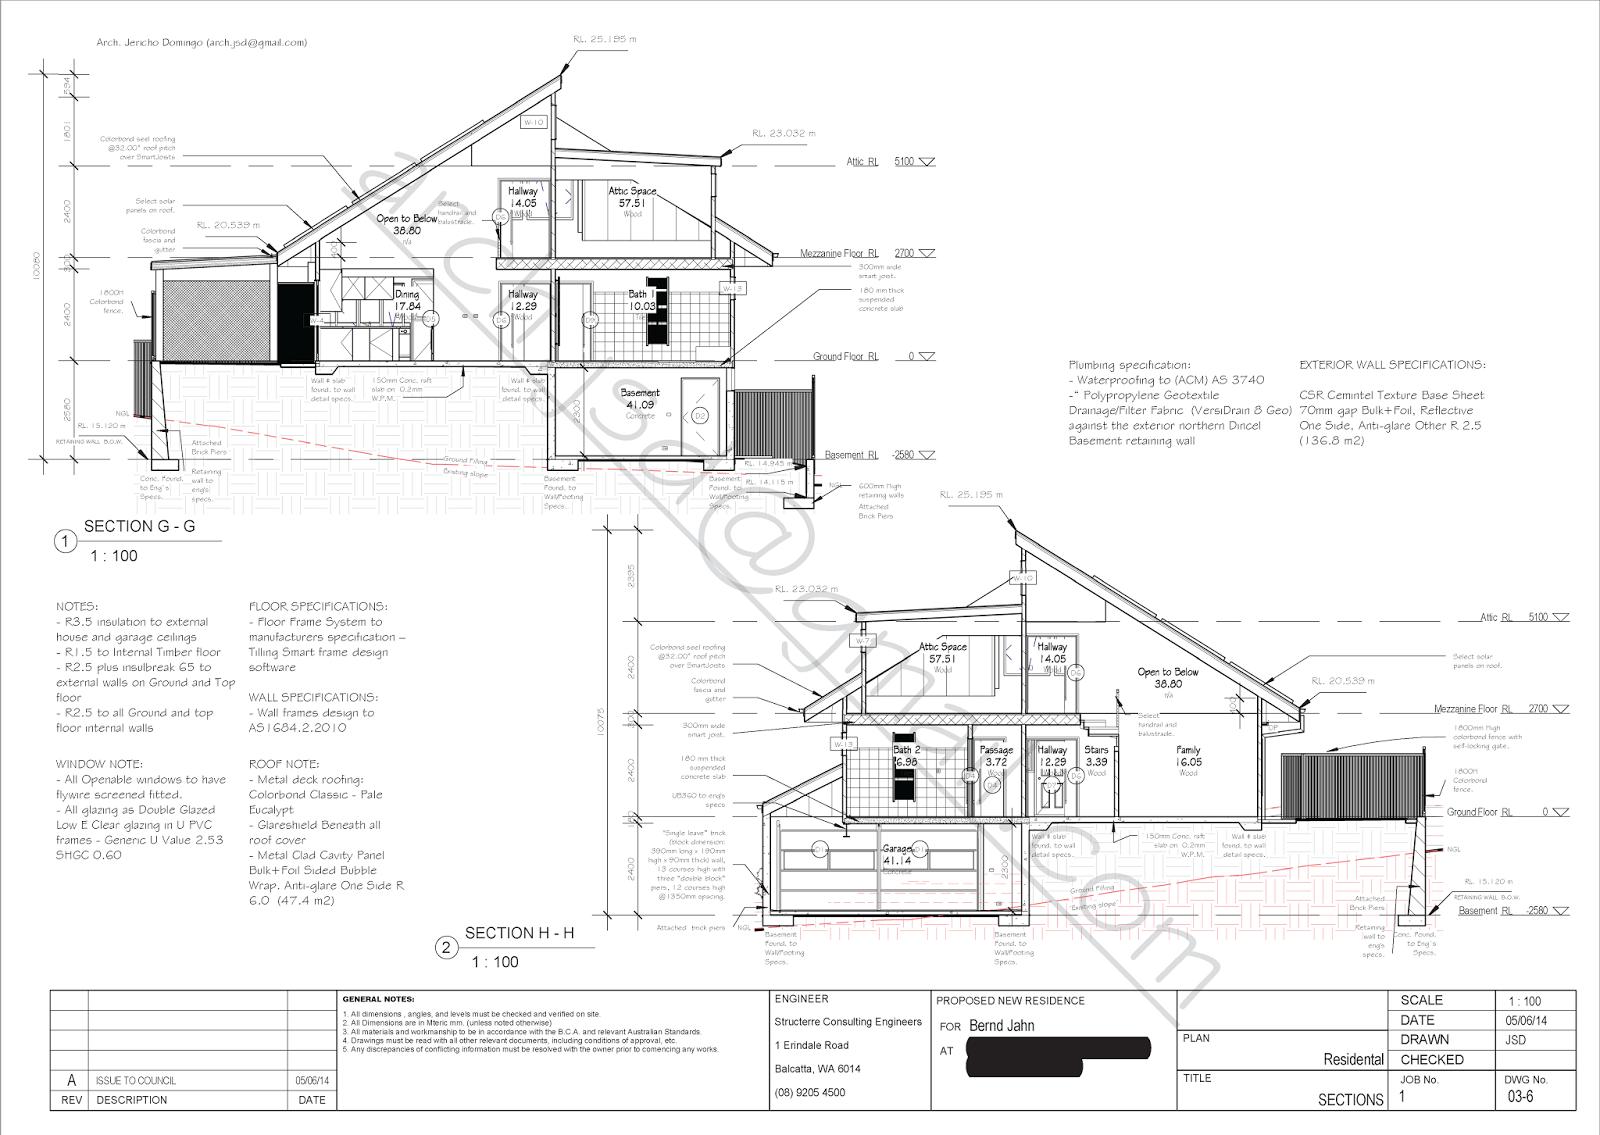 bernd jahn residence drawings